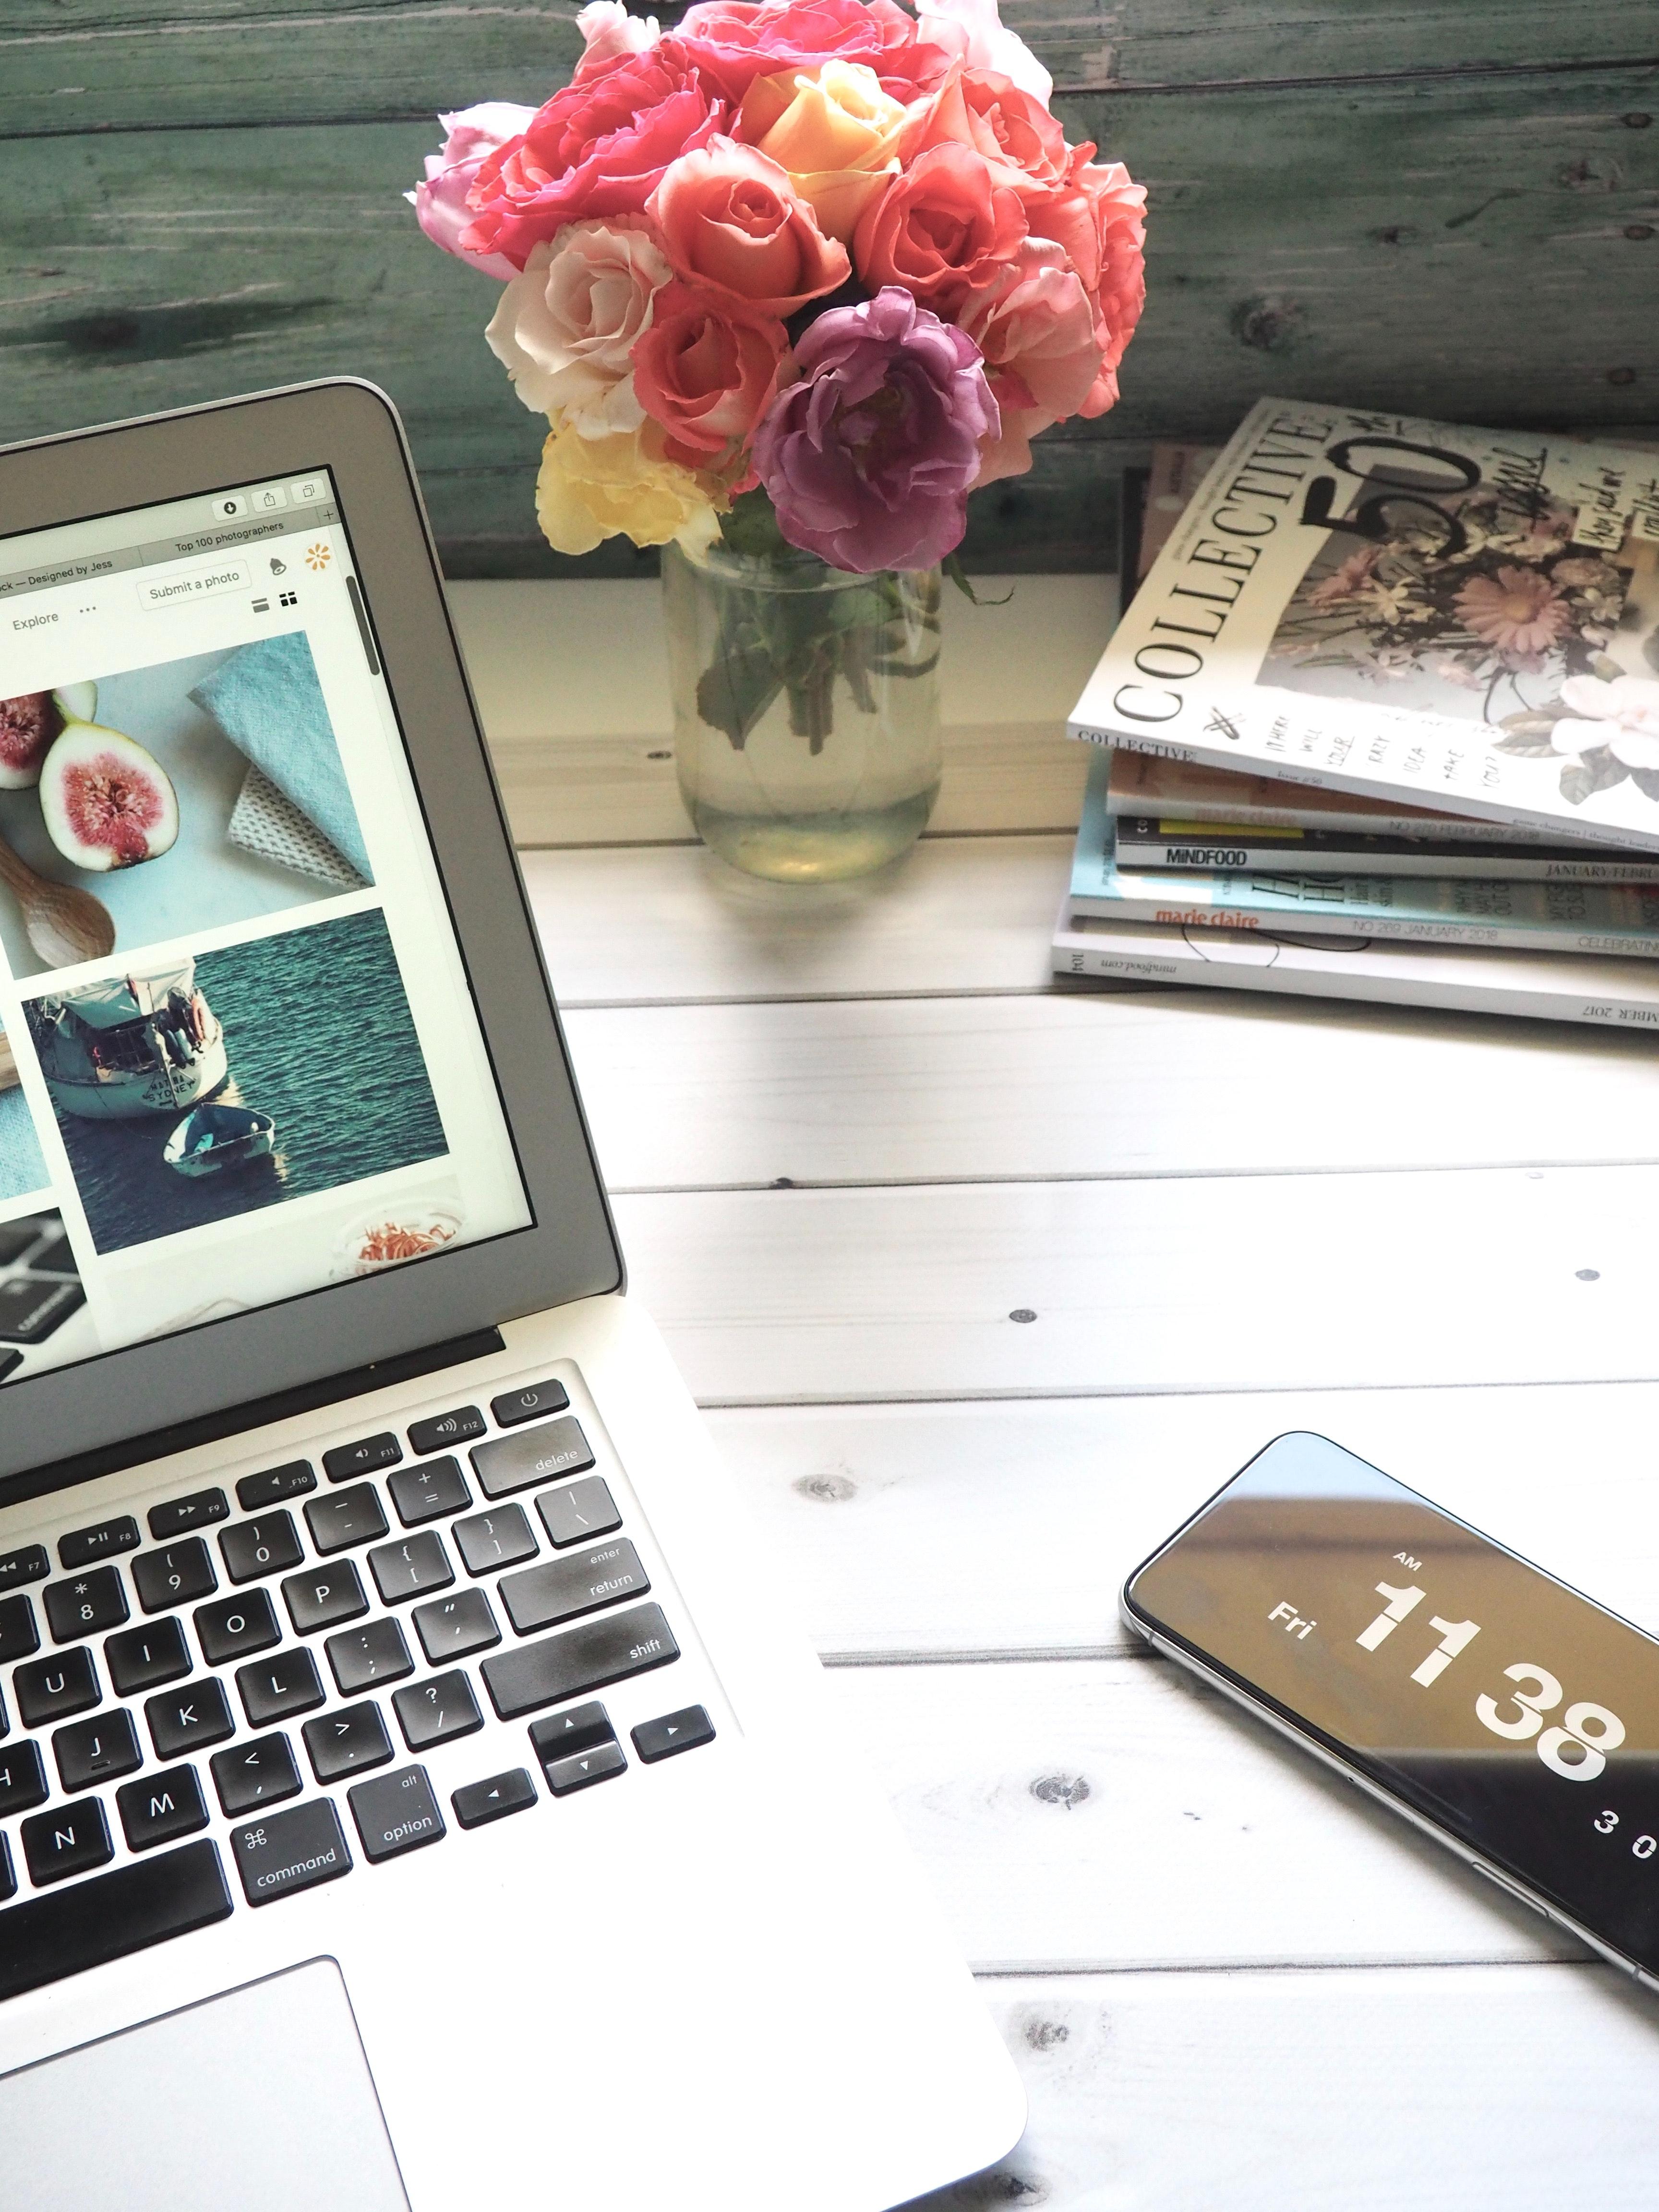 Blog, writing